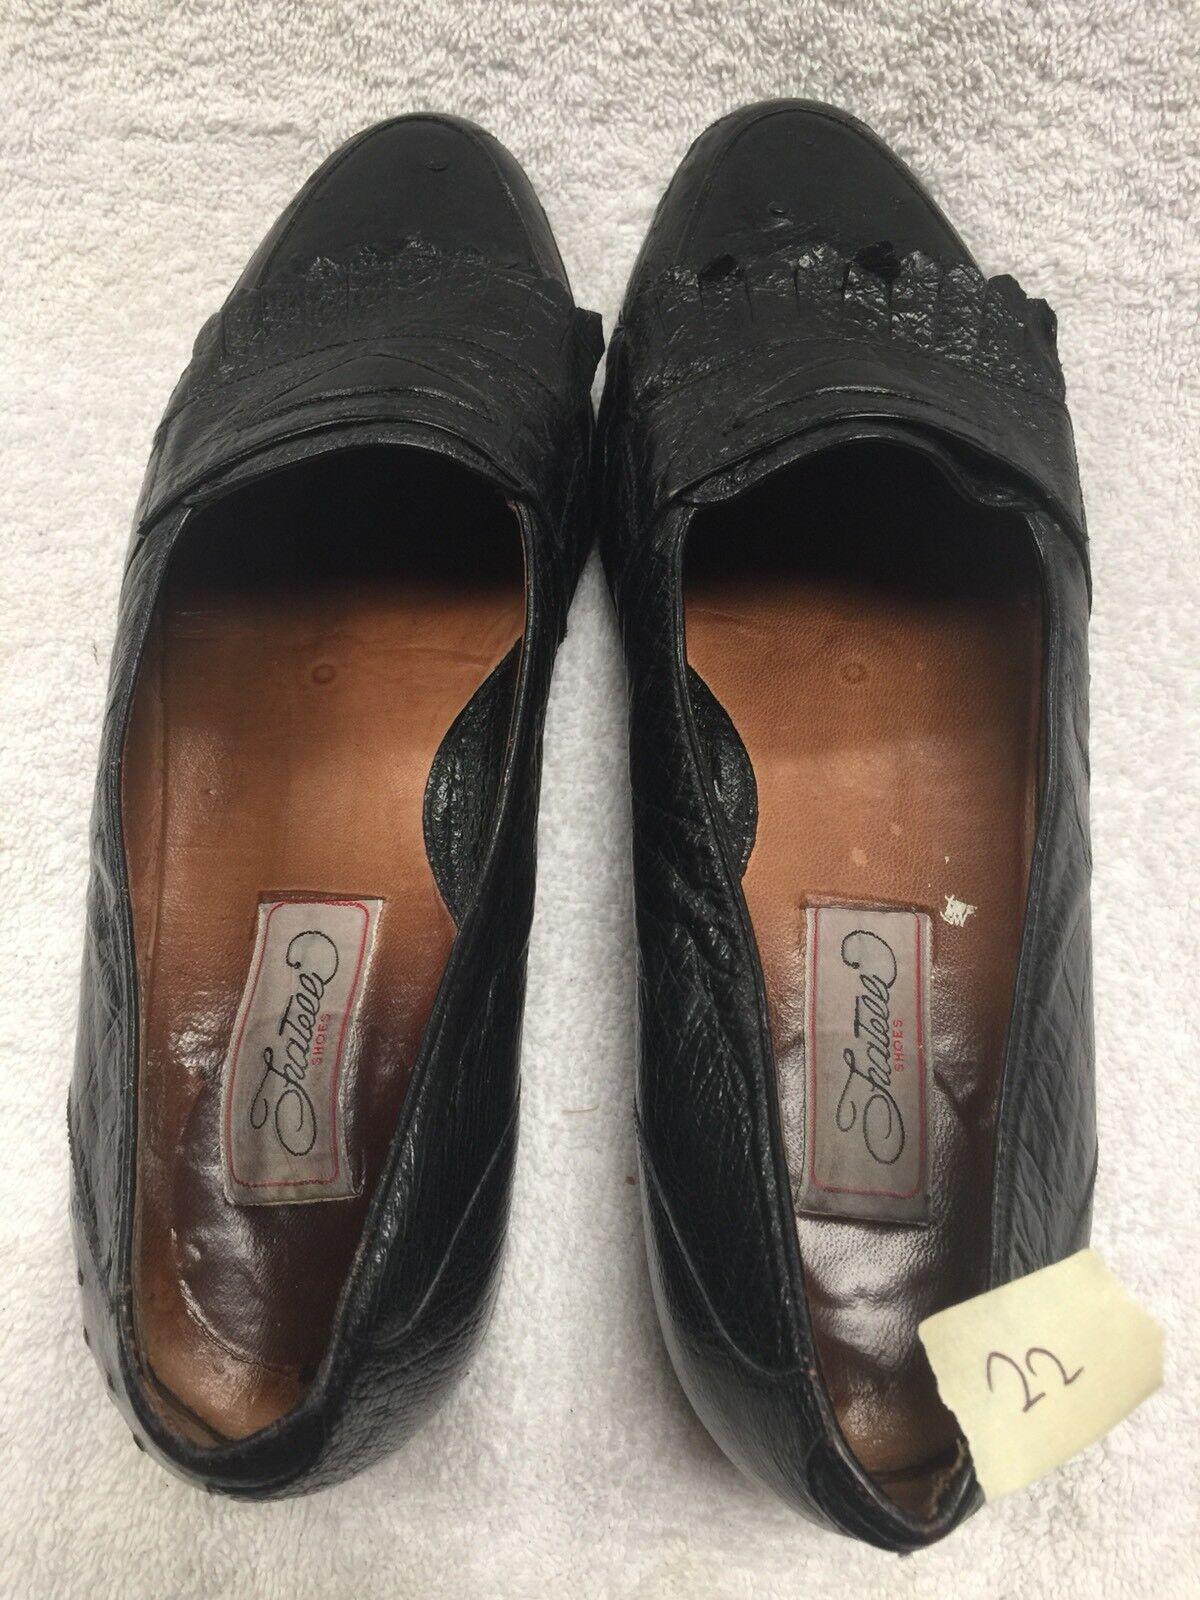 FRATELLI Mocassins homme Taille US 9.5 D Noir Autruche Chaussures  22